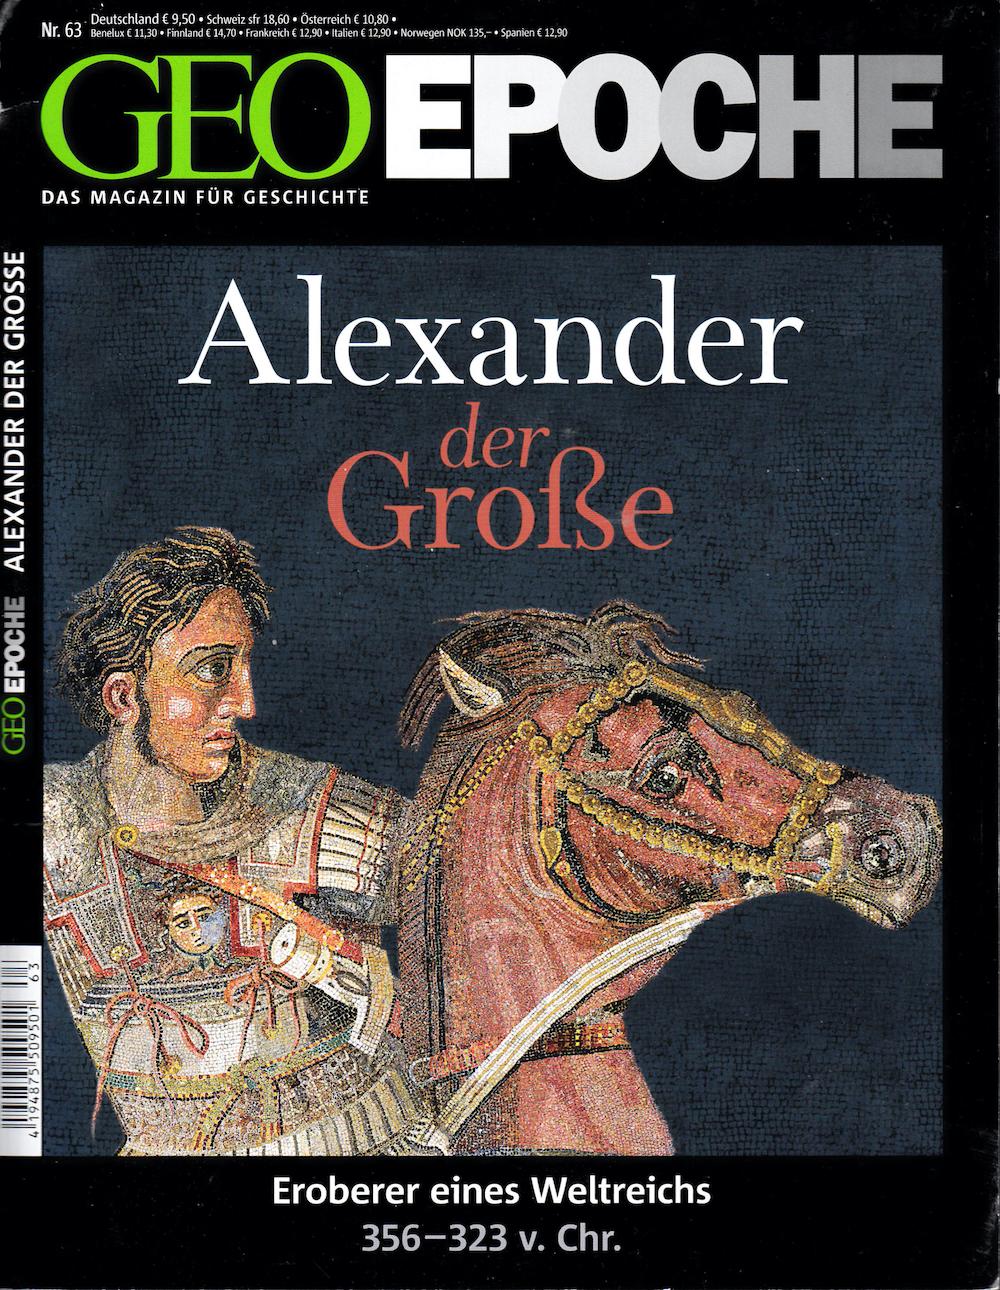 GEO Epoche 2014-63 Alexander der Grosse